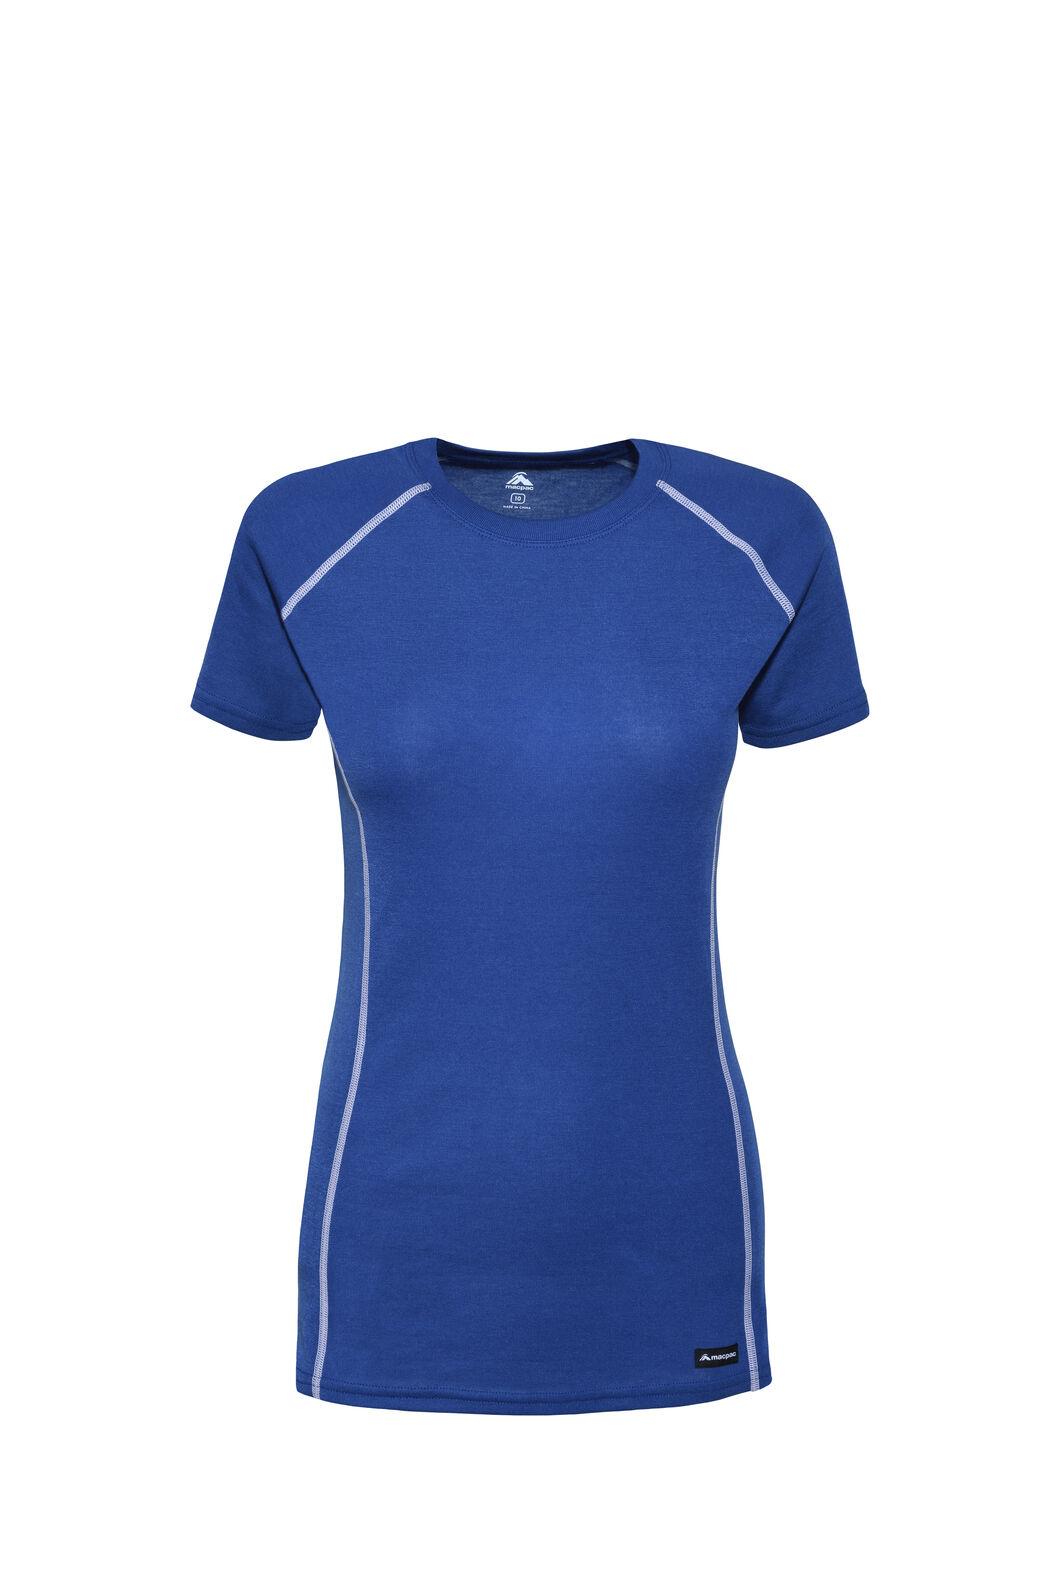 Macpac Geothermal Short Sleeve Top — Women's, Monaco, hi-res